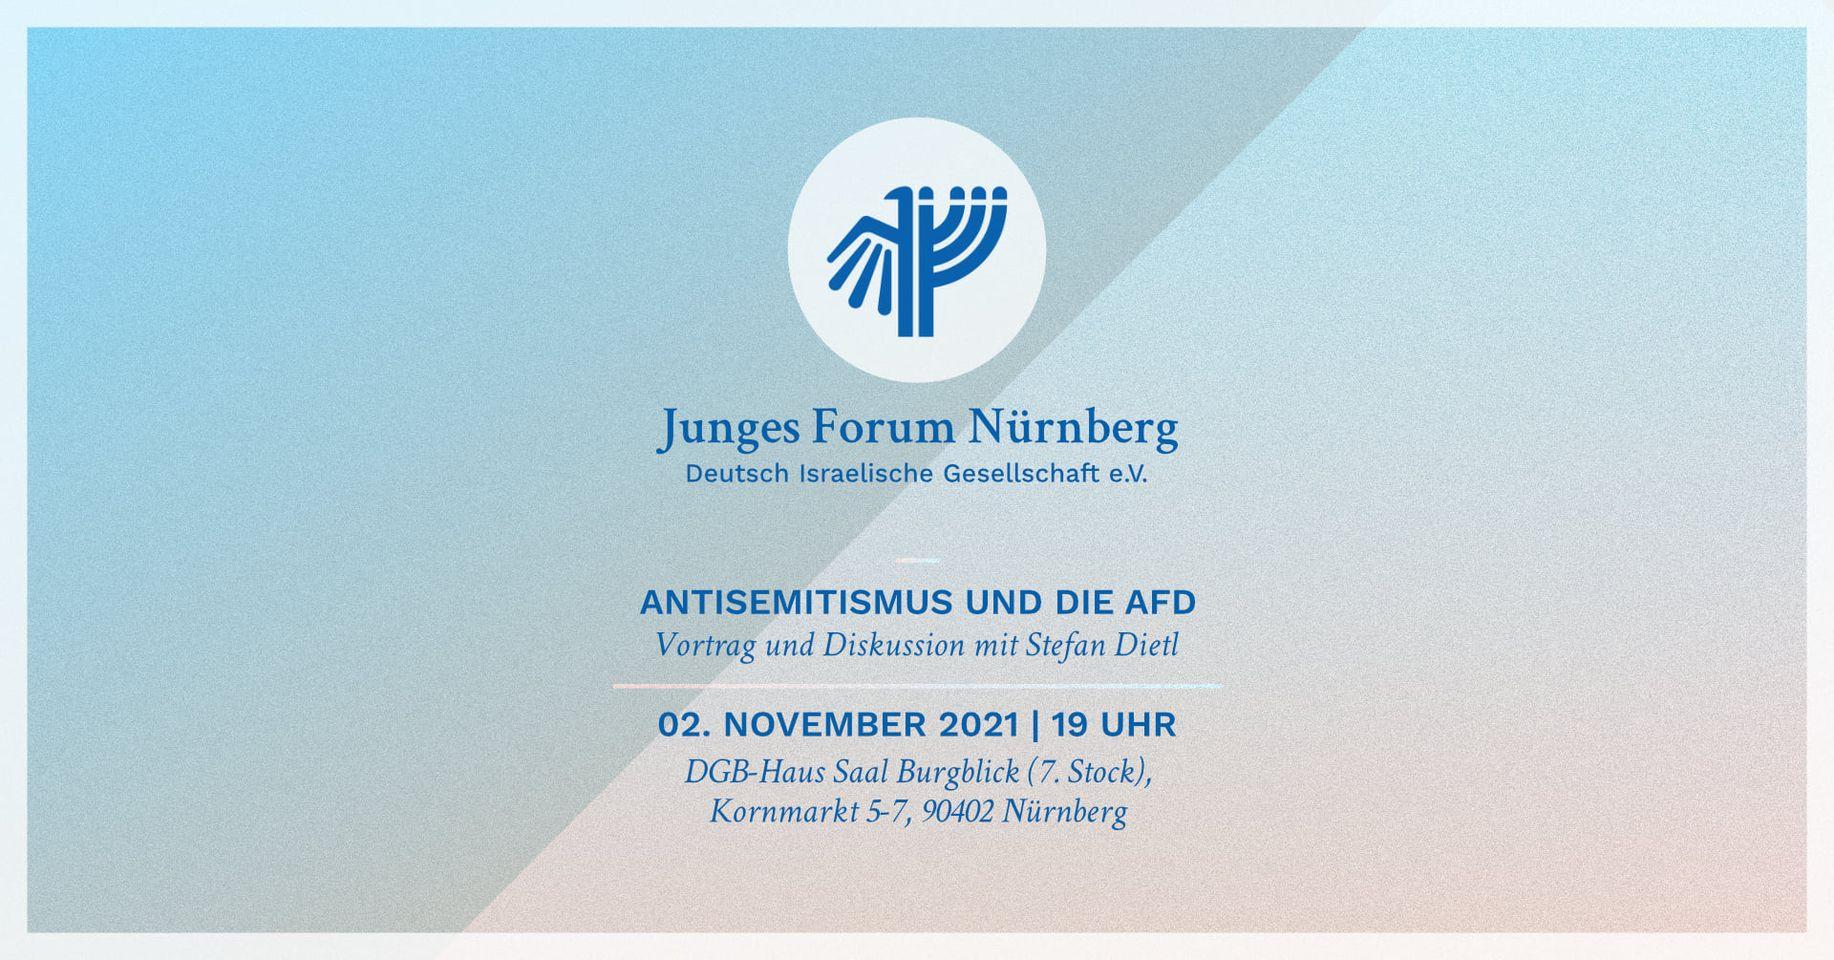 Antisemitismus und die AfD - Vortrag und Diskussion mit Stefan Dietl